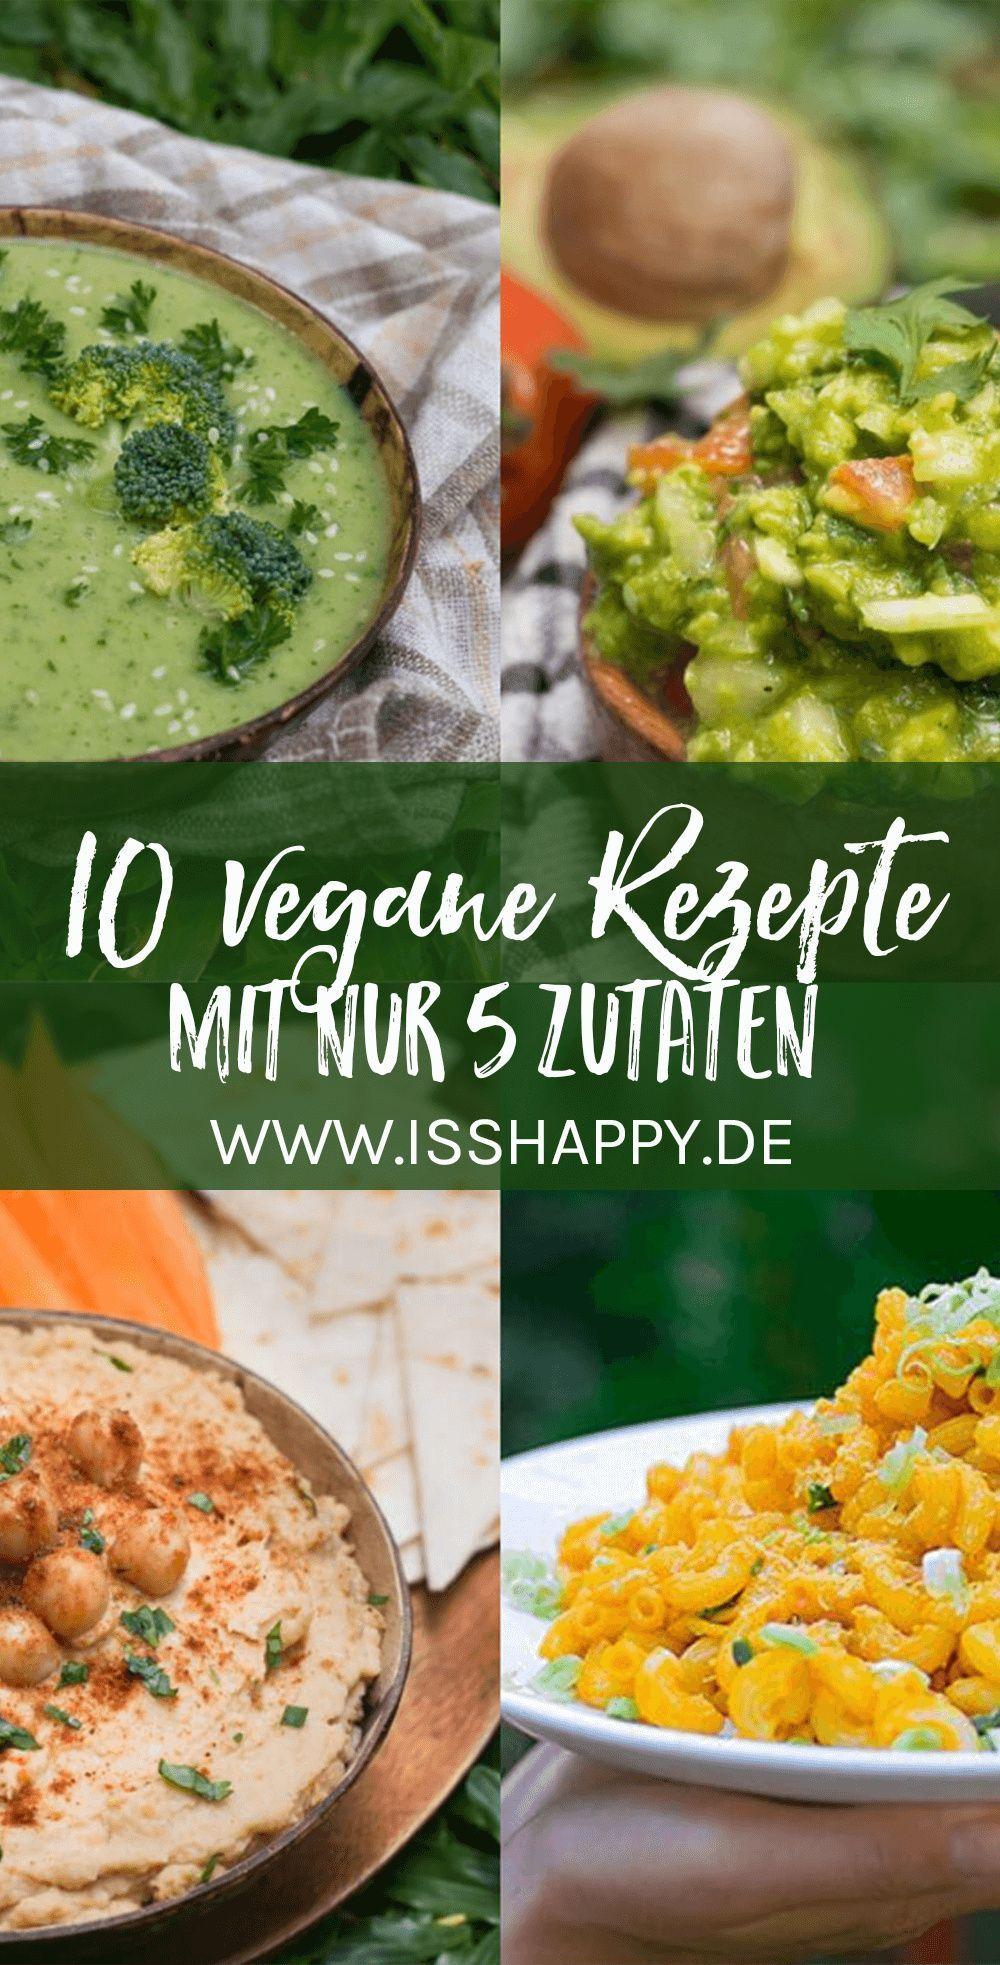 10 Einfache Vegane Rezepte Mit Nur 5 Zutaten Lecker Gesund In 2020 Vegane Rezepte Gesunde Vegane Rezepte Rezepte